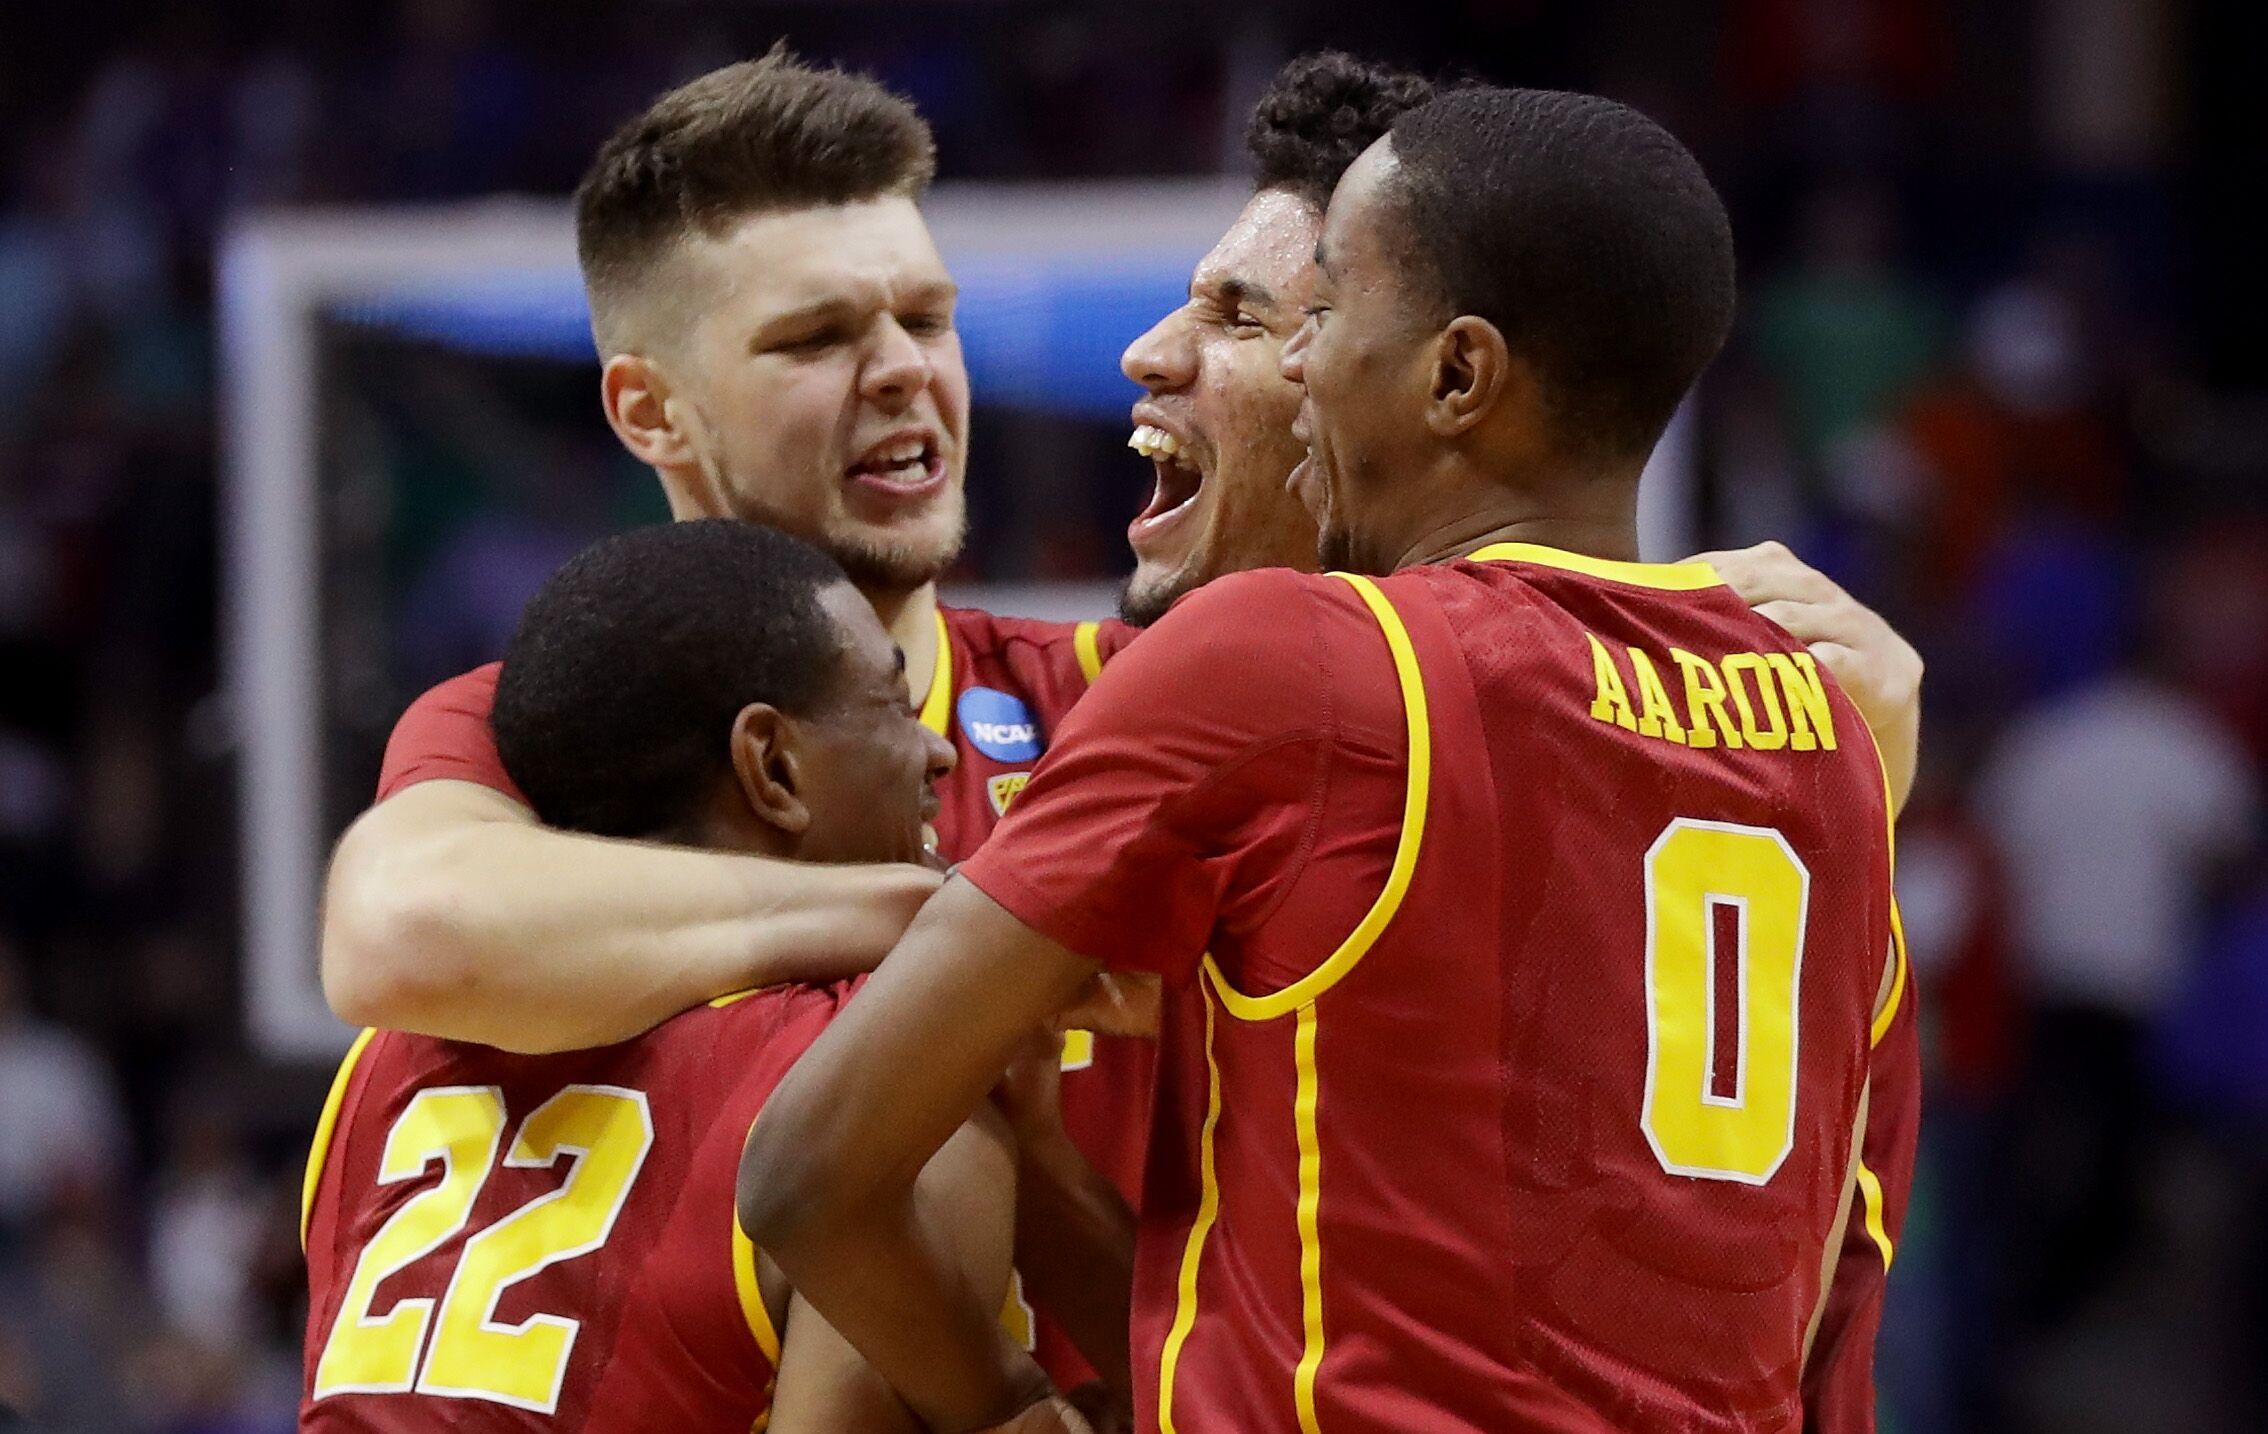 Kentucky Basketball 2017 18 Season Preview For The Wildcats: USC Basketball: 2017-18 Season Preview For The Trojans